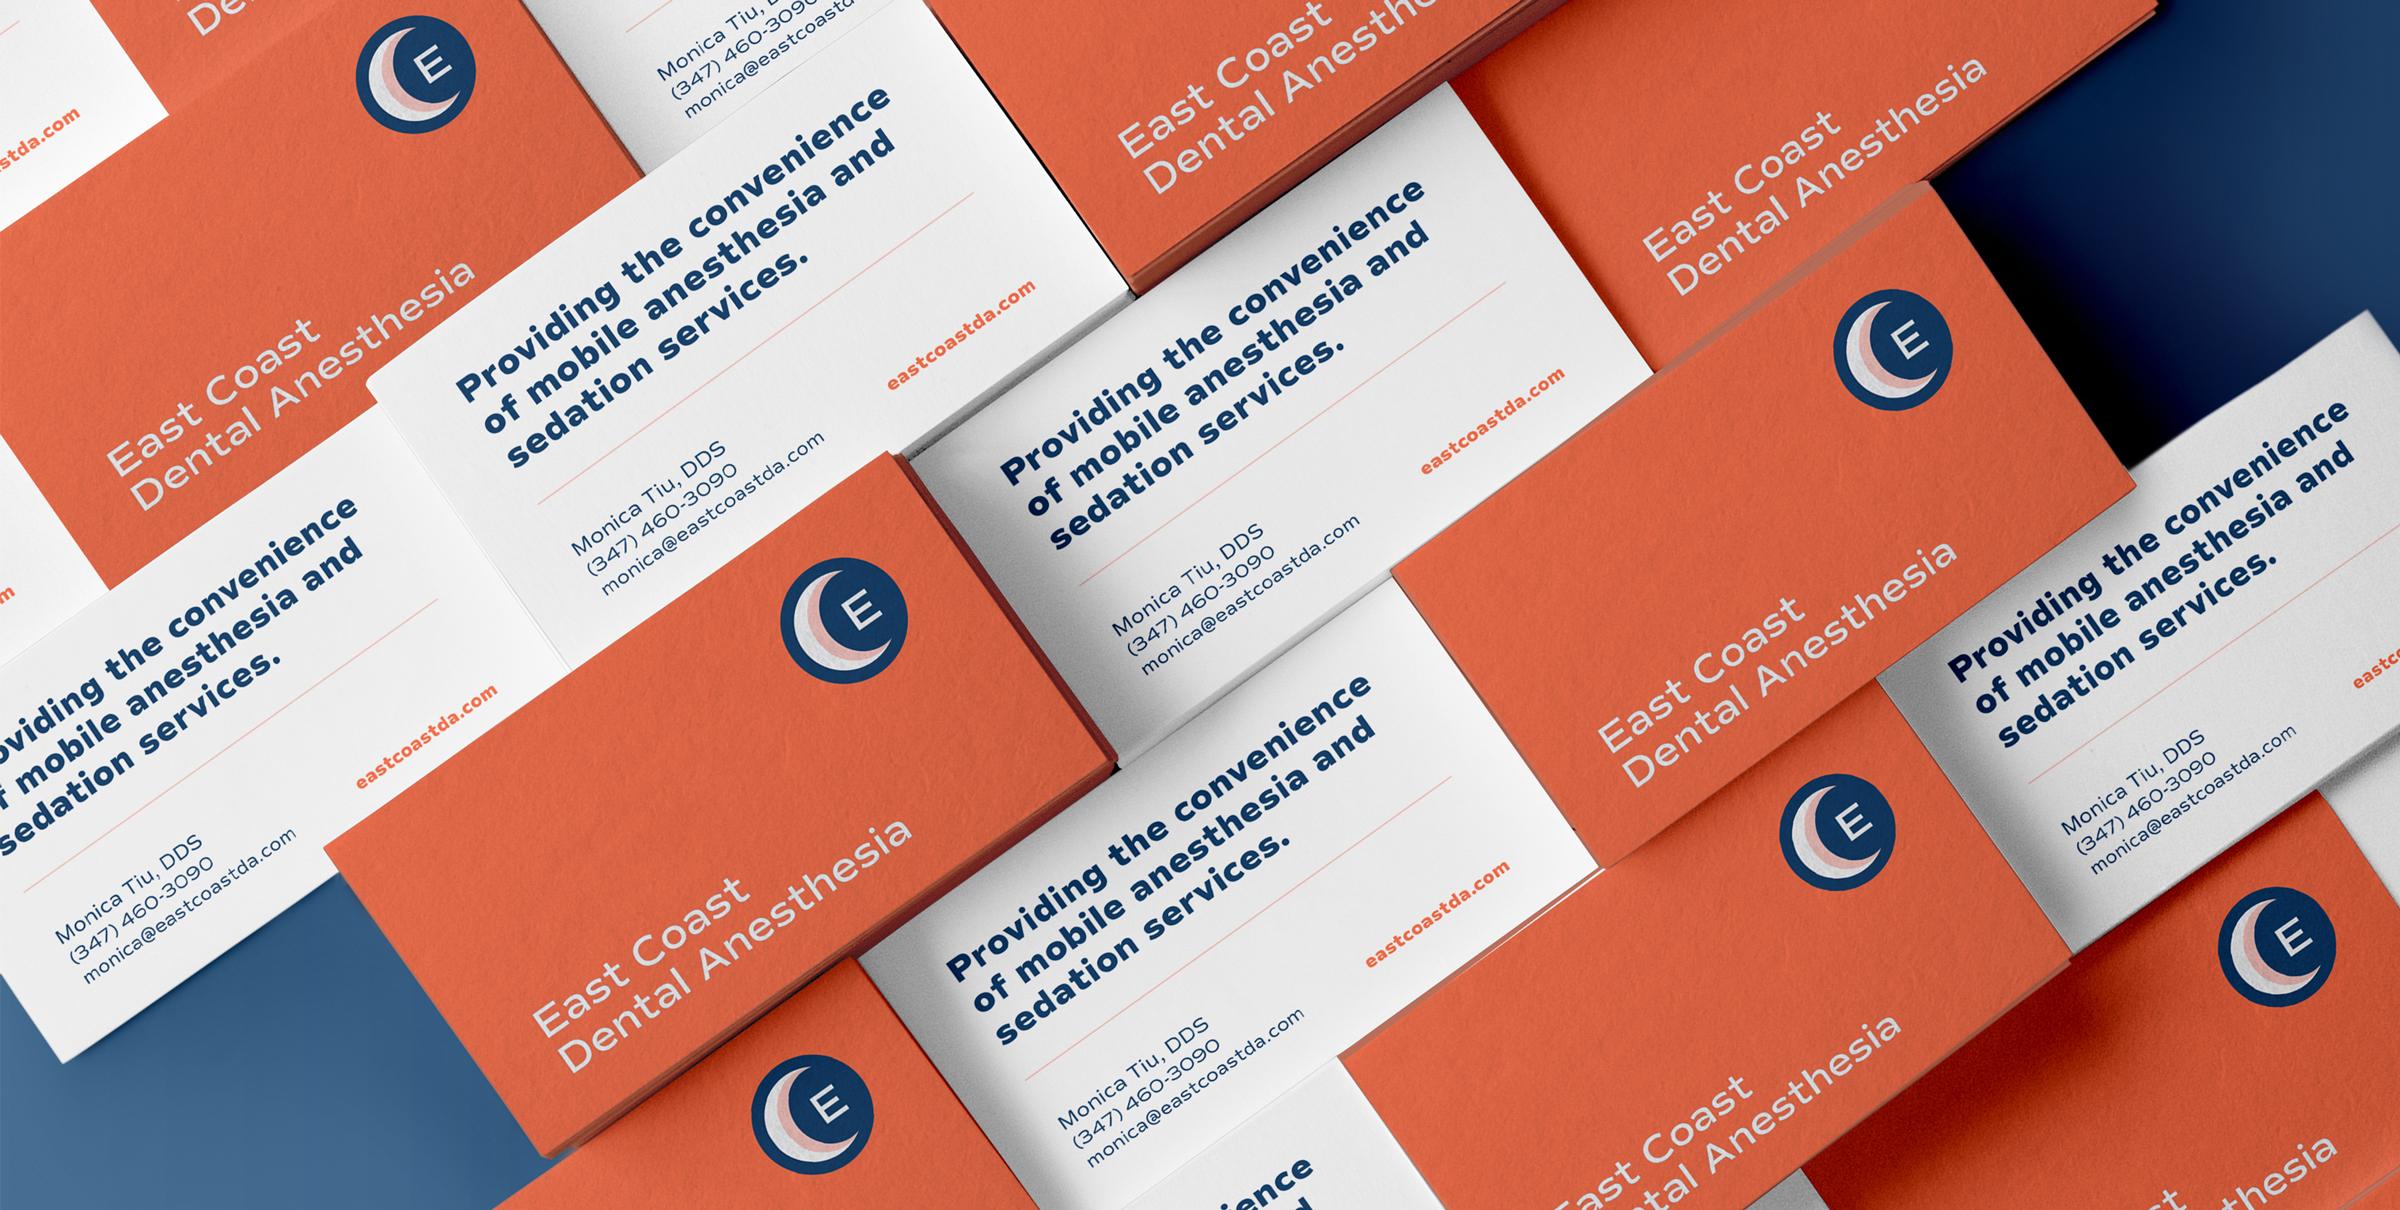 remo-remo-design-ecda-biz-cards